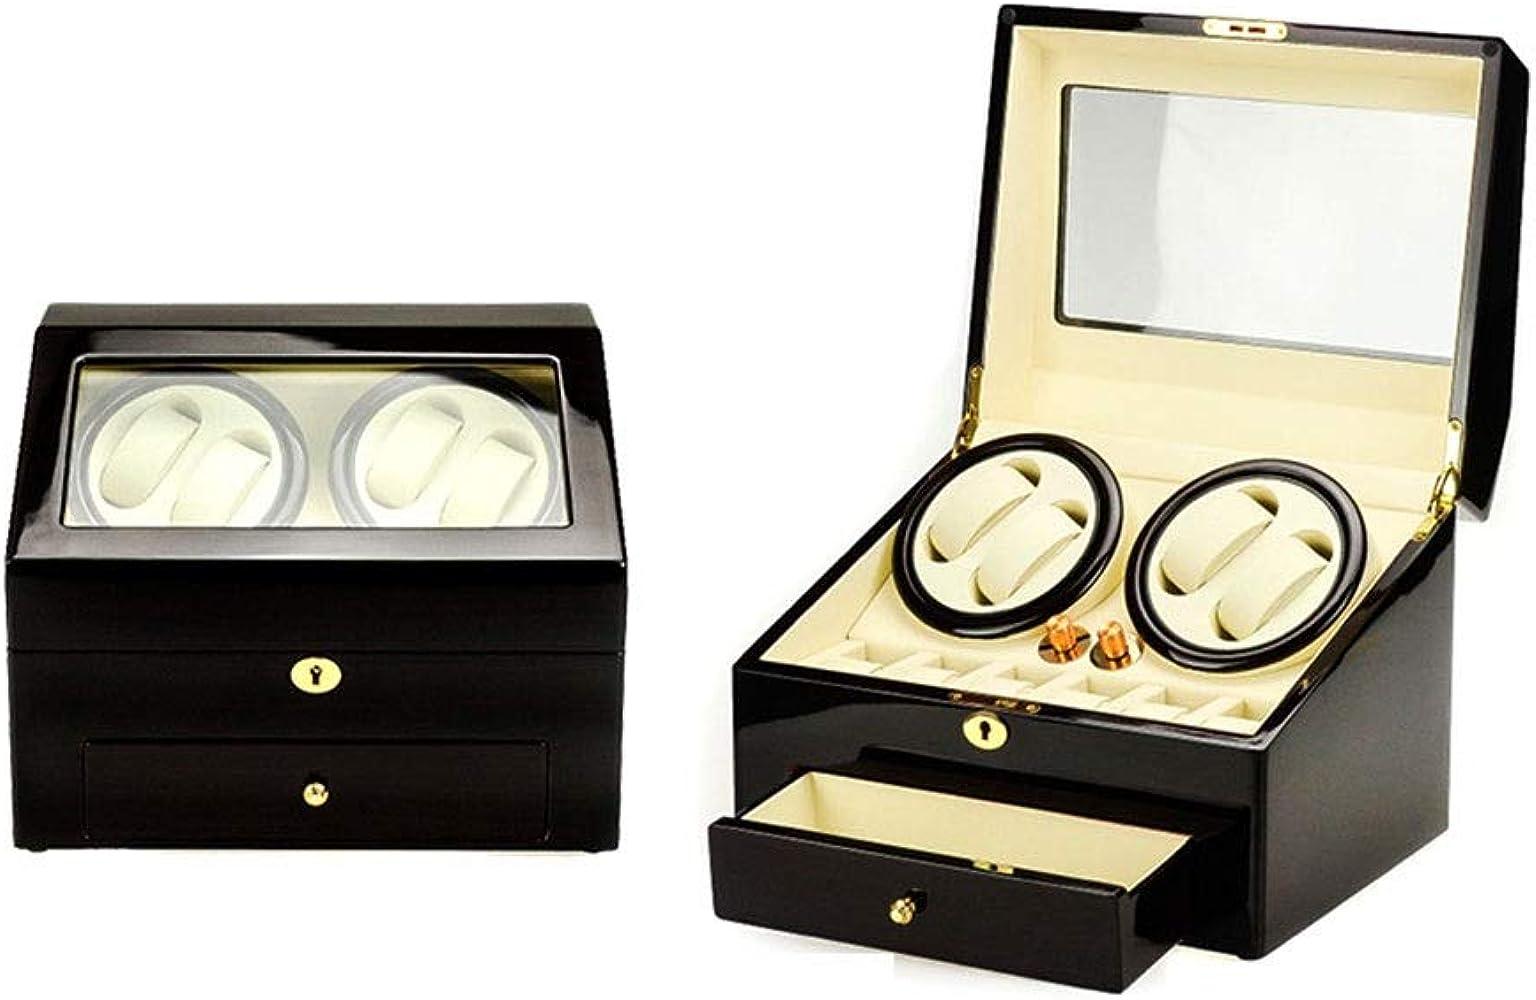 Cajas Giratorias para Relojes Automatico, 5 Modo De Rotacion, 4+6 Watches Storage Box con 1 Cajón (Color : Blanco): Amazon.es: Relojes